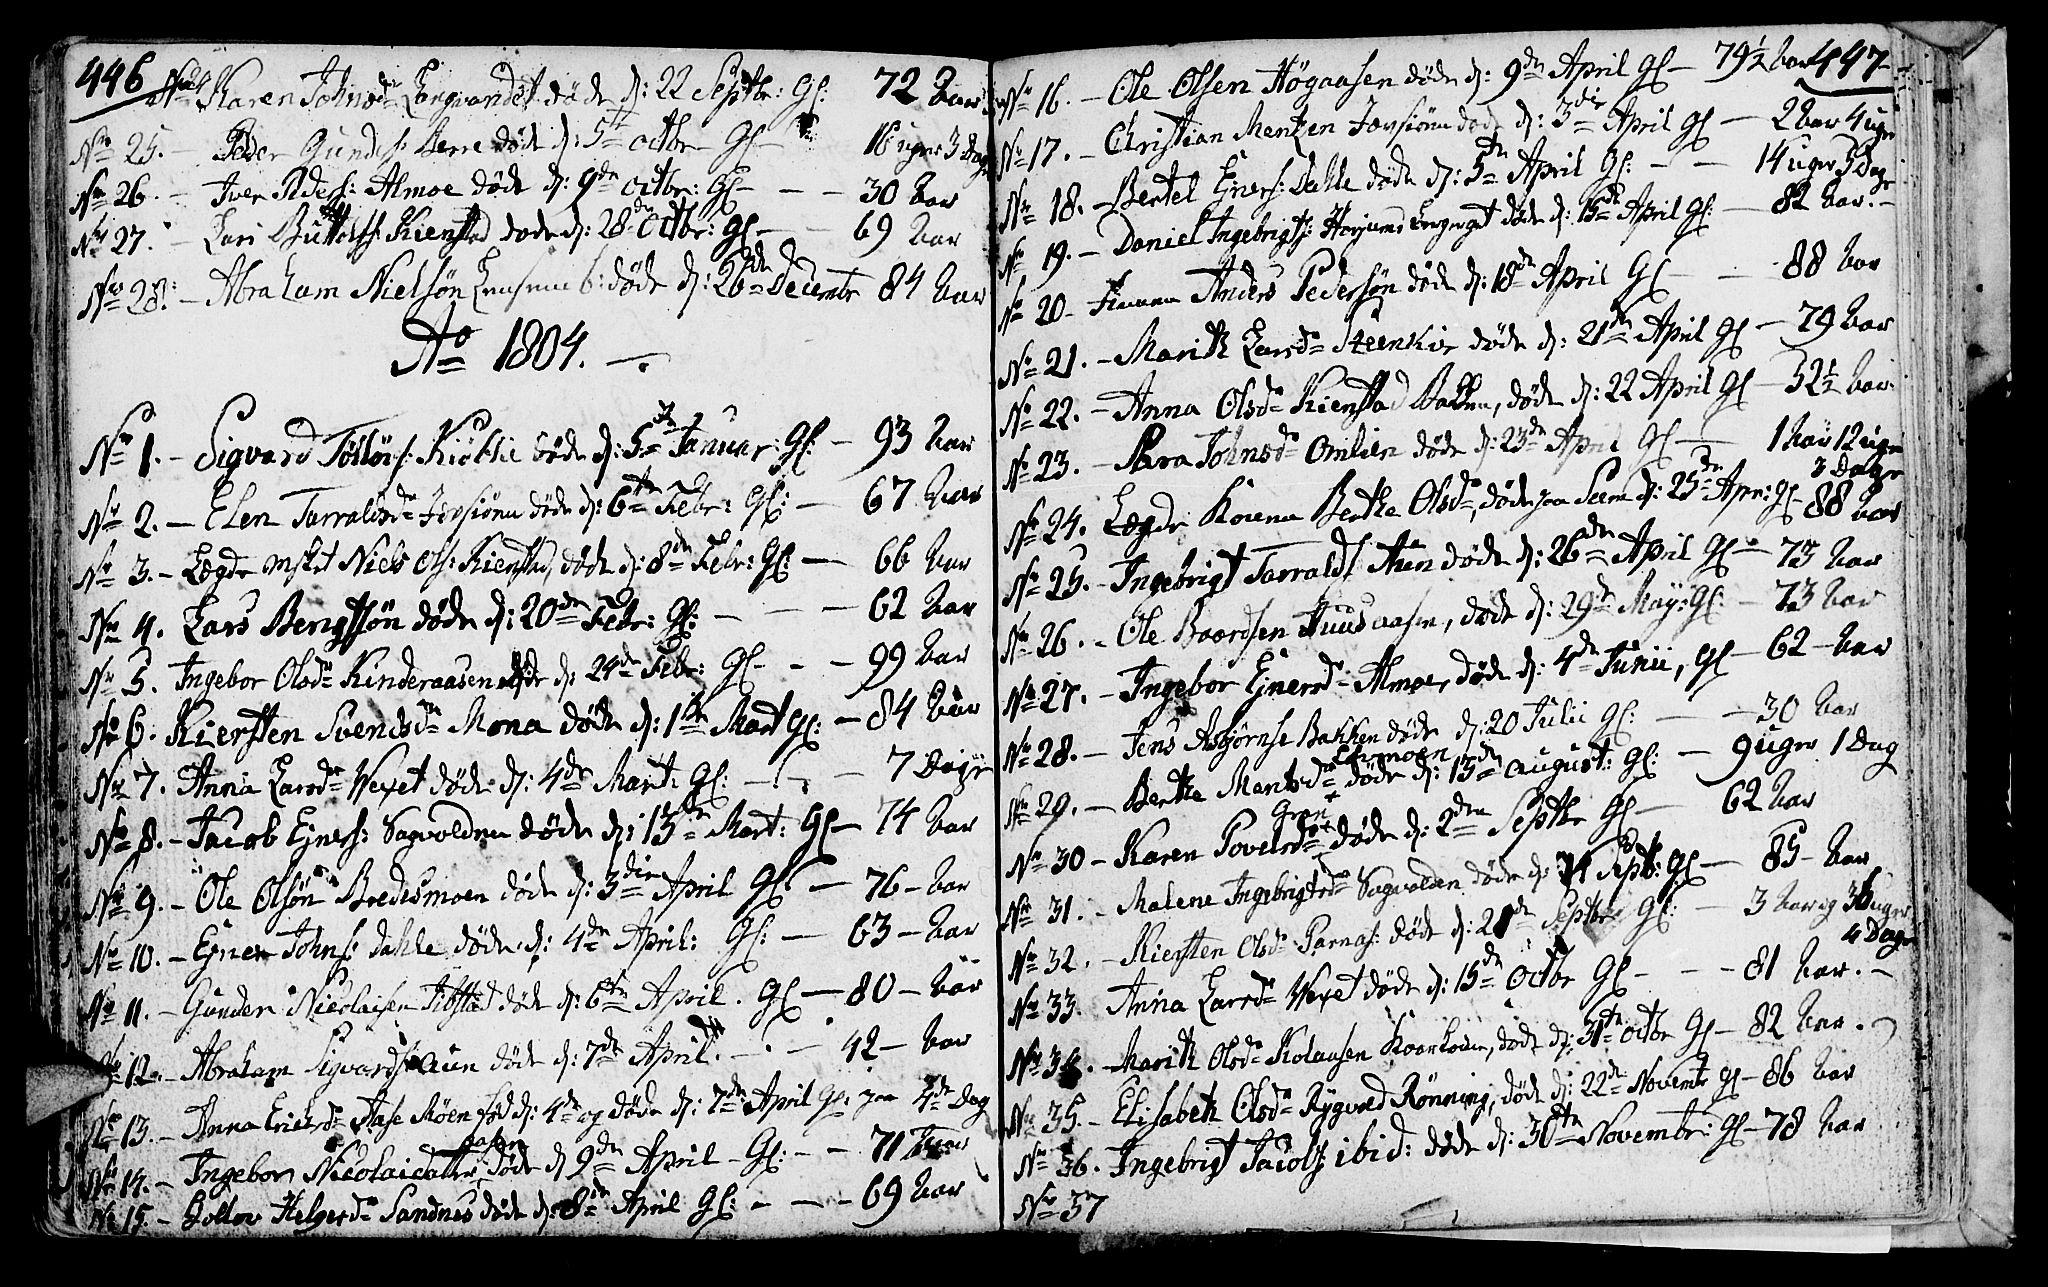 SAT, Ministerialprotokoller, klokkerbøker og fødselsregistre - Nord-Trøndelag, 749/L0468: Ministerialbok nr. 749A02, 1787-1817, s. 446-447